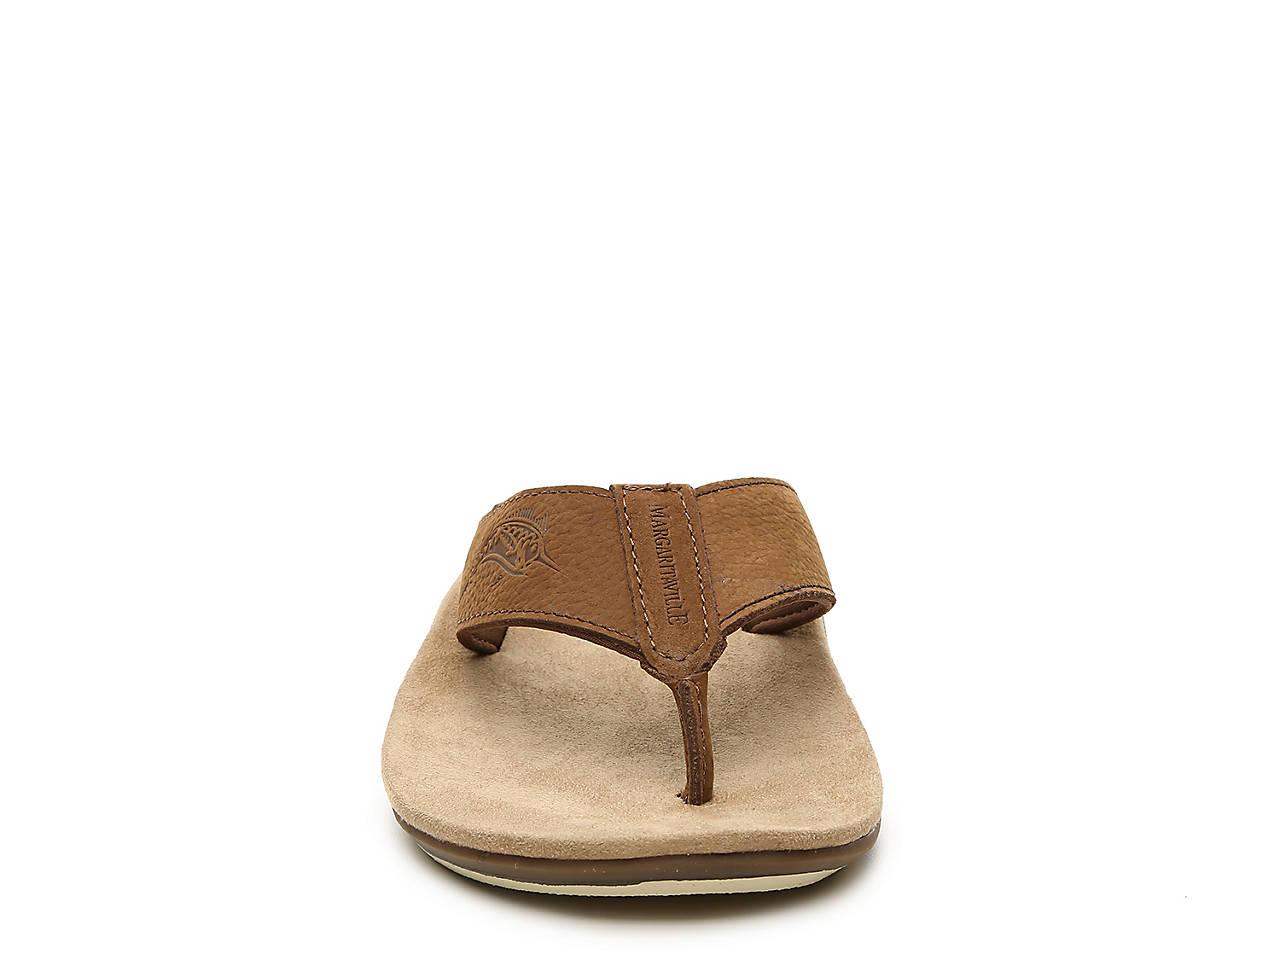 ed8bfb92a05b Margaritaville Marlin Flip Flop Men s Shoes